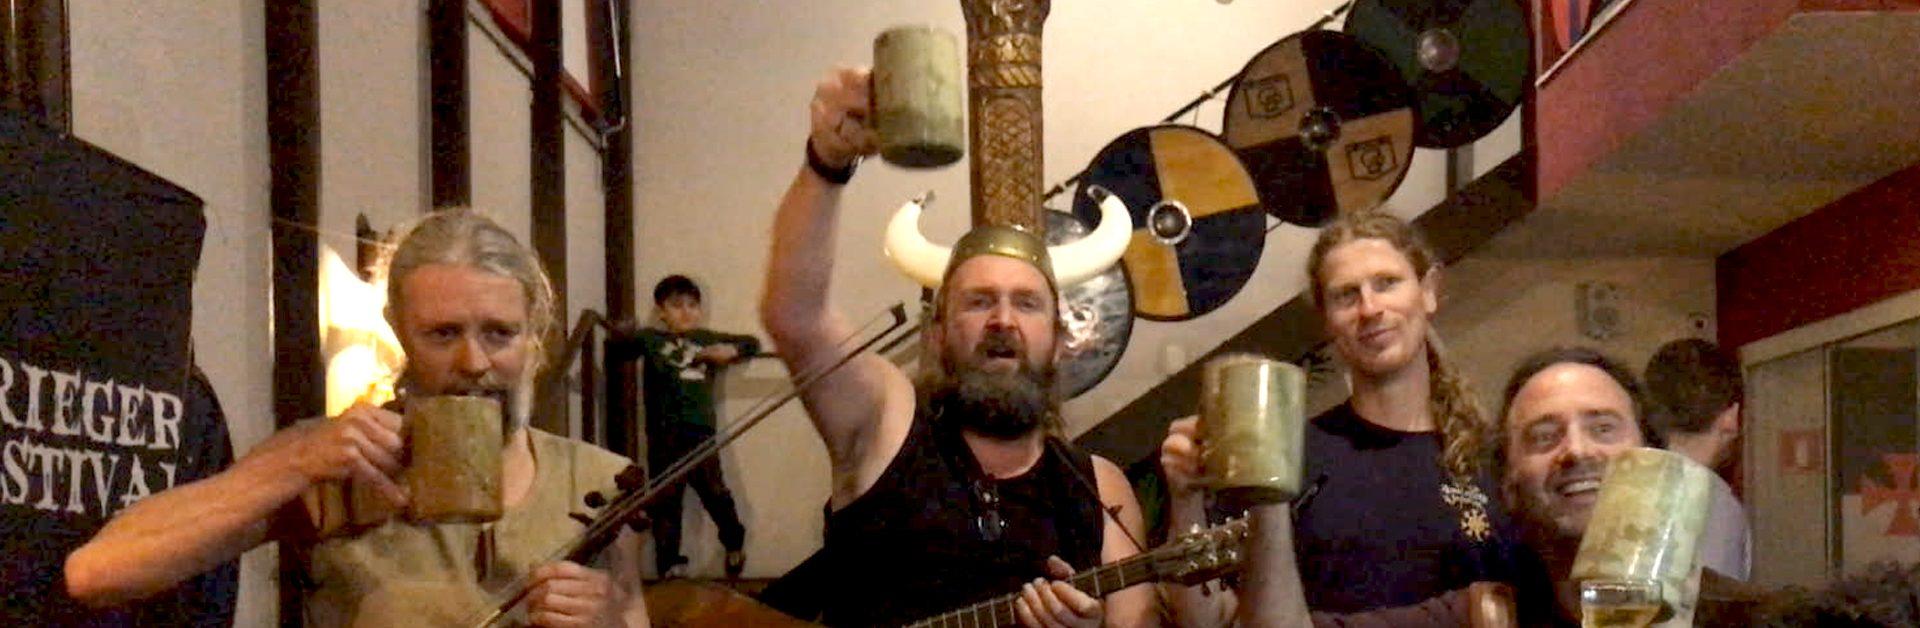 Jock-Stuart---Brazil-Tour---Rapalje-Celtic-Folk-Music